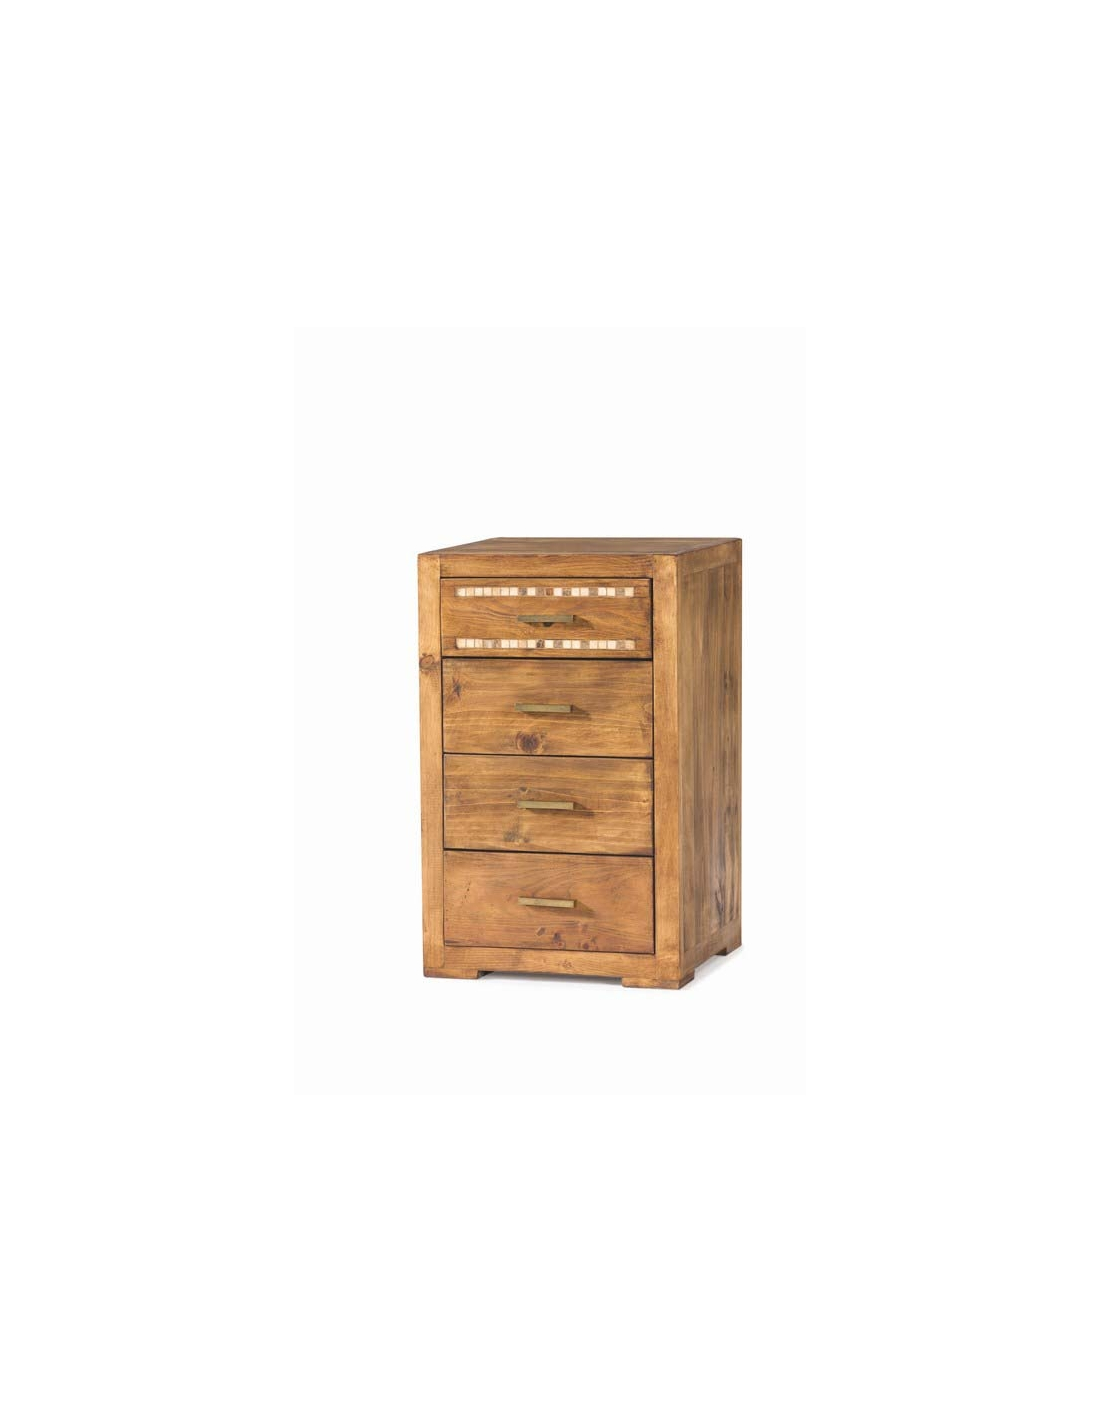 Comprar mueble auxiliar estilo rustico madera cuatro for Muebles estilo rustico